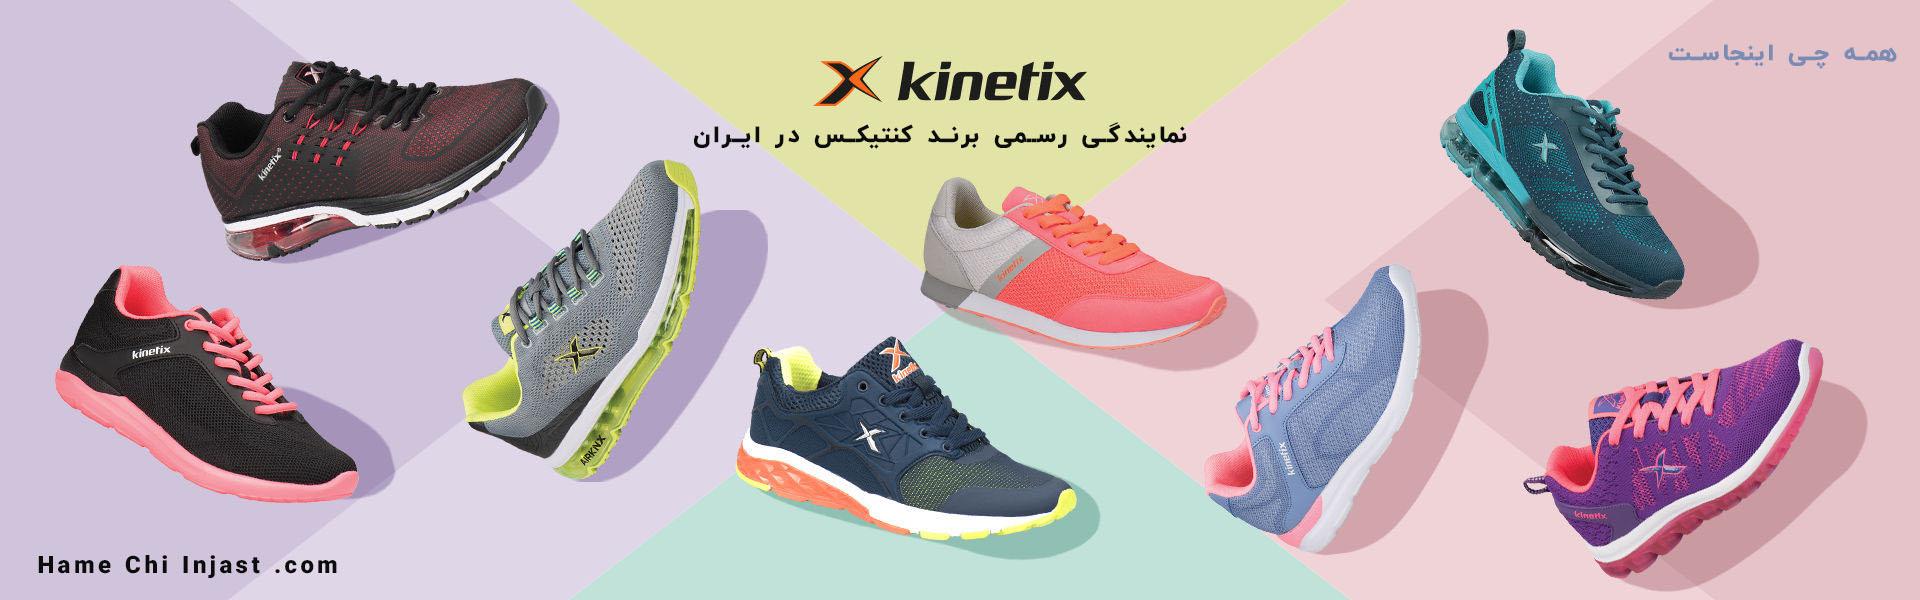 کینتیکس kinetix